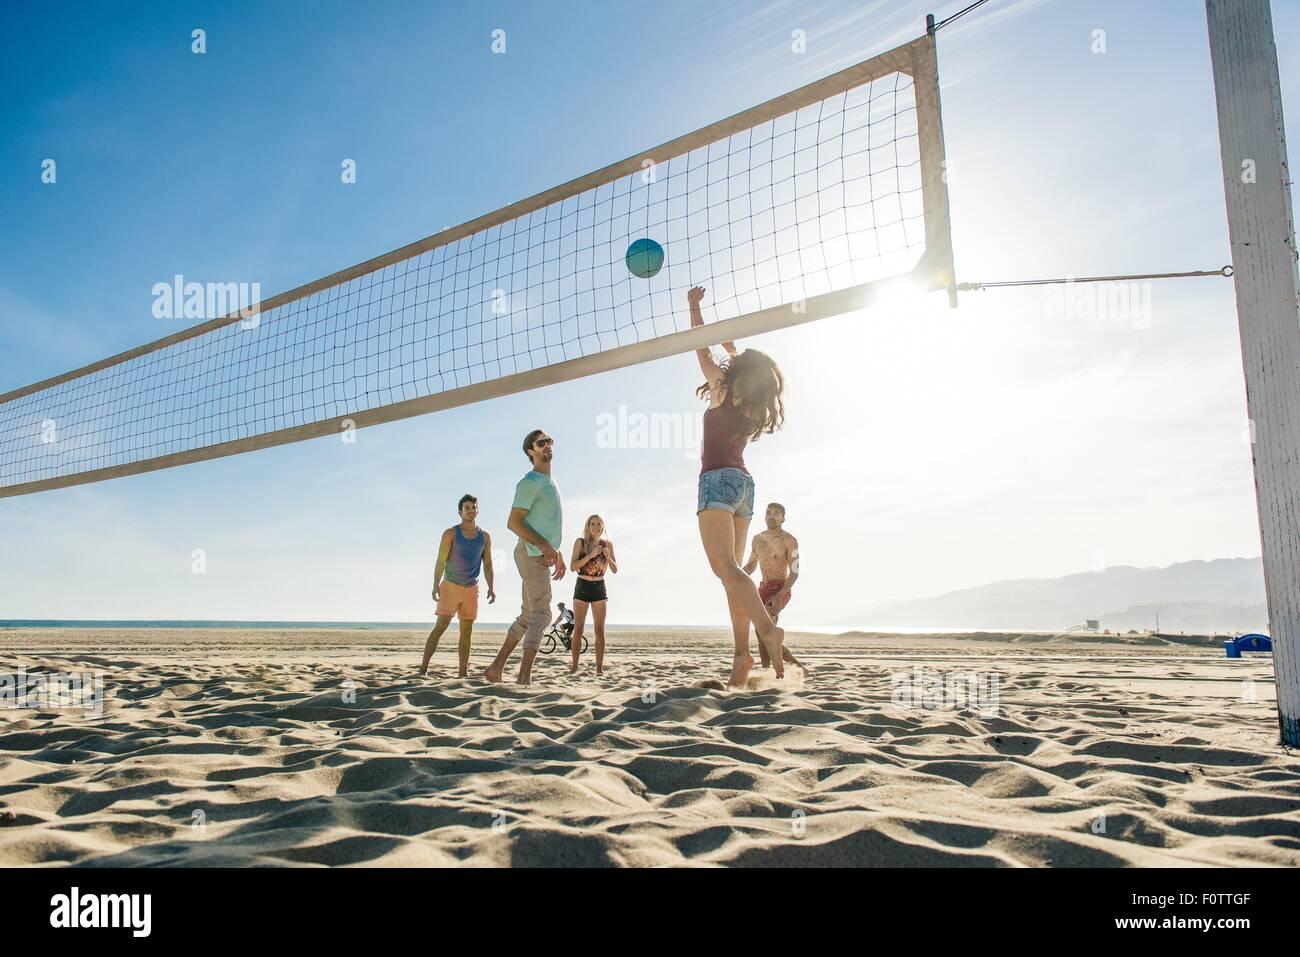 Gruppo di amici giocando a pallavolo sulla spiaggia Immagini Stock